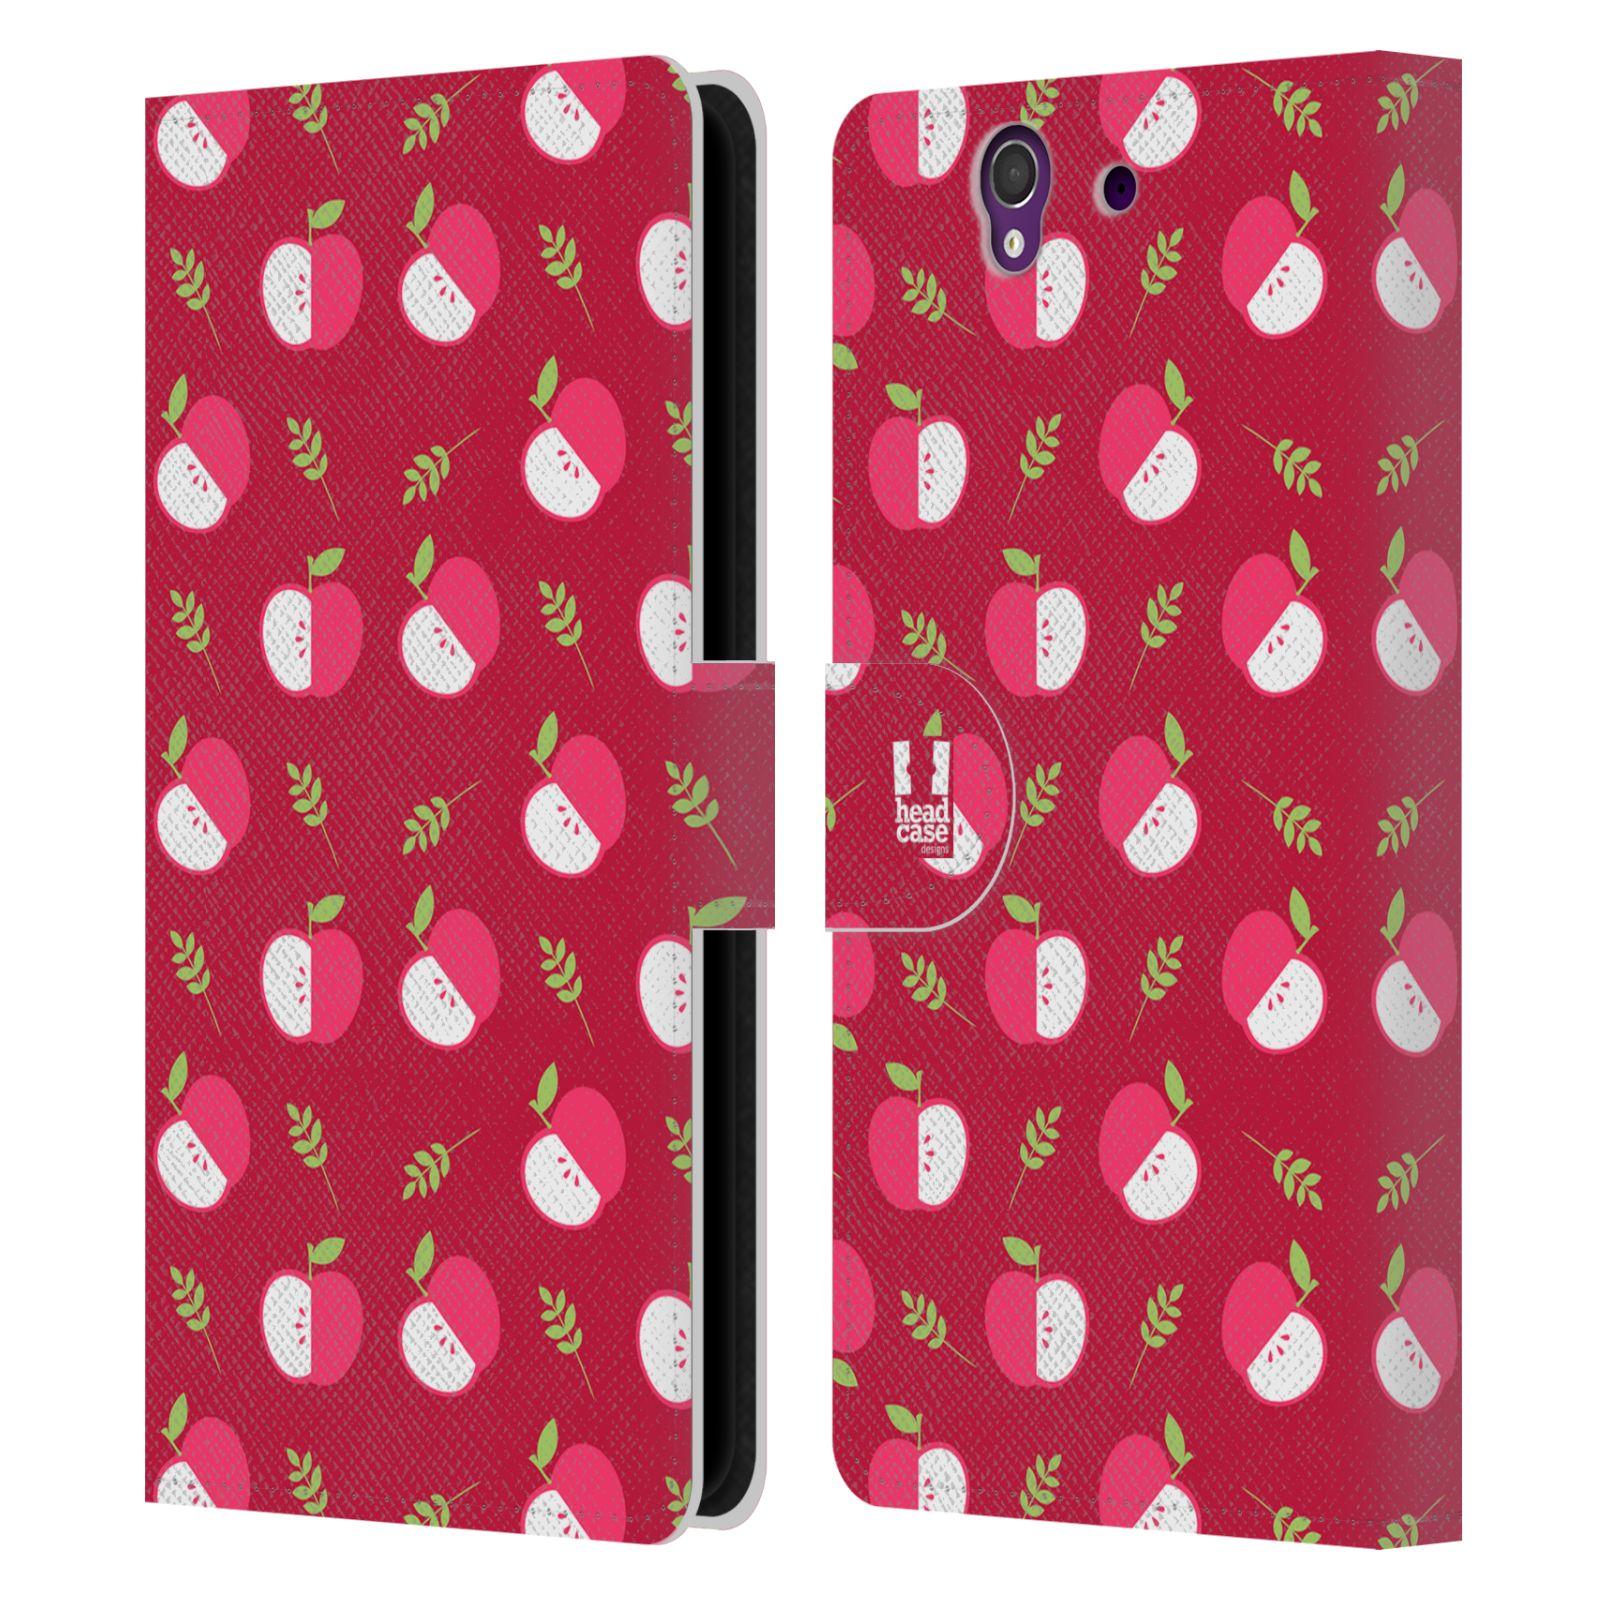 HEAD CASE Flipové pouzdro pro mobil SONY XPERIA Z (C6603) ovocné motivy jablíčko červený odstín